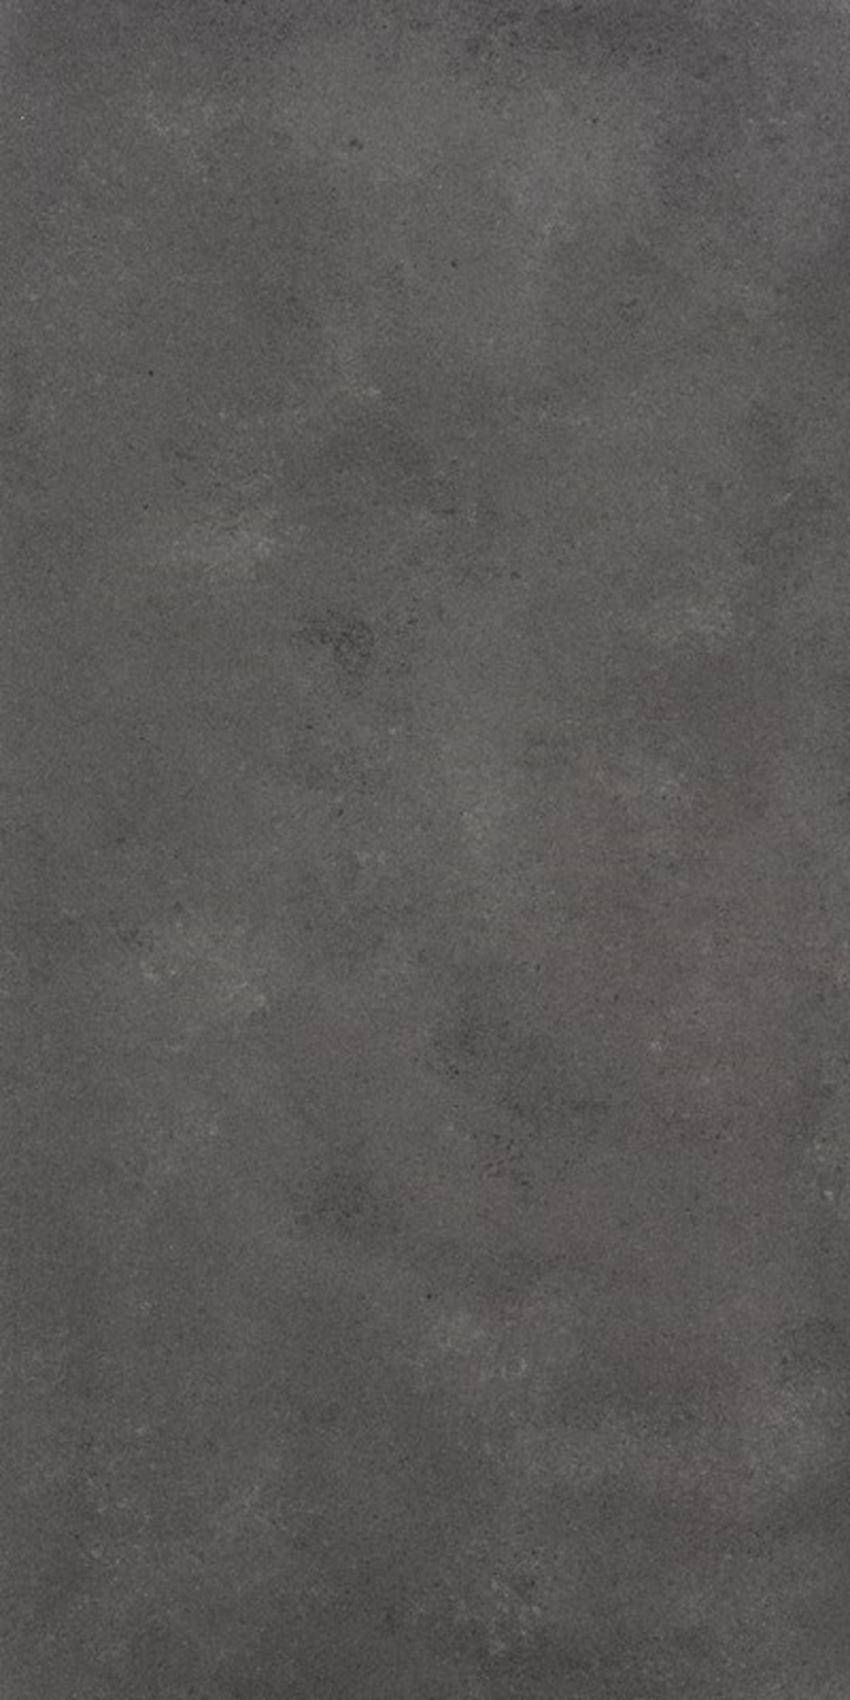 Płytka uniwersalna poler 59,7x119,7 cm Nowa Gala Neutro NU 14